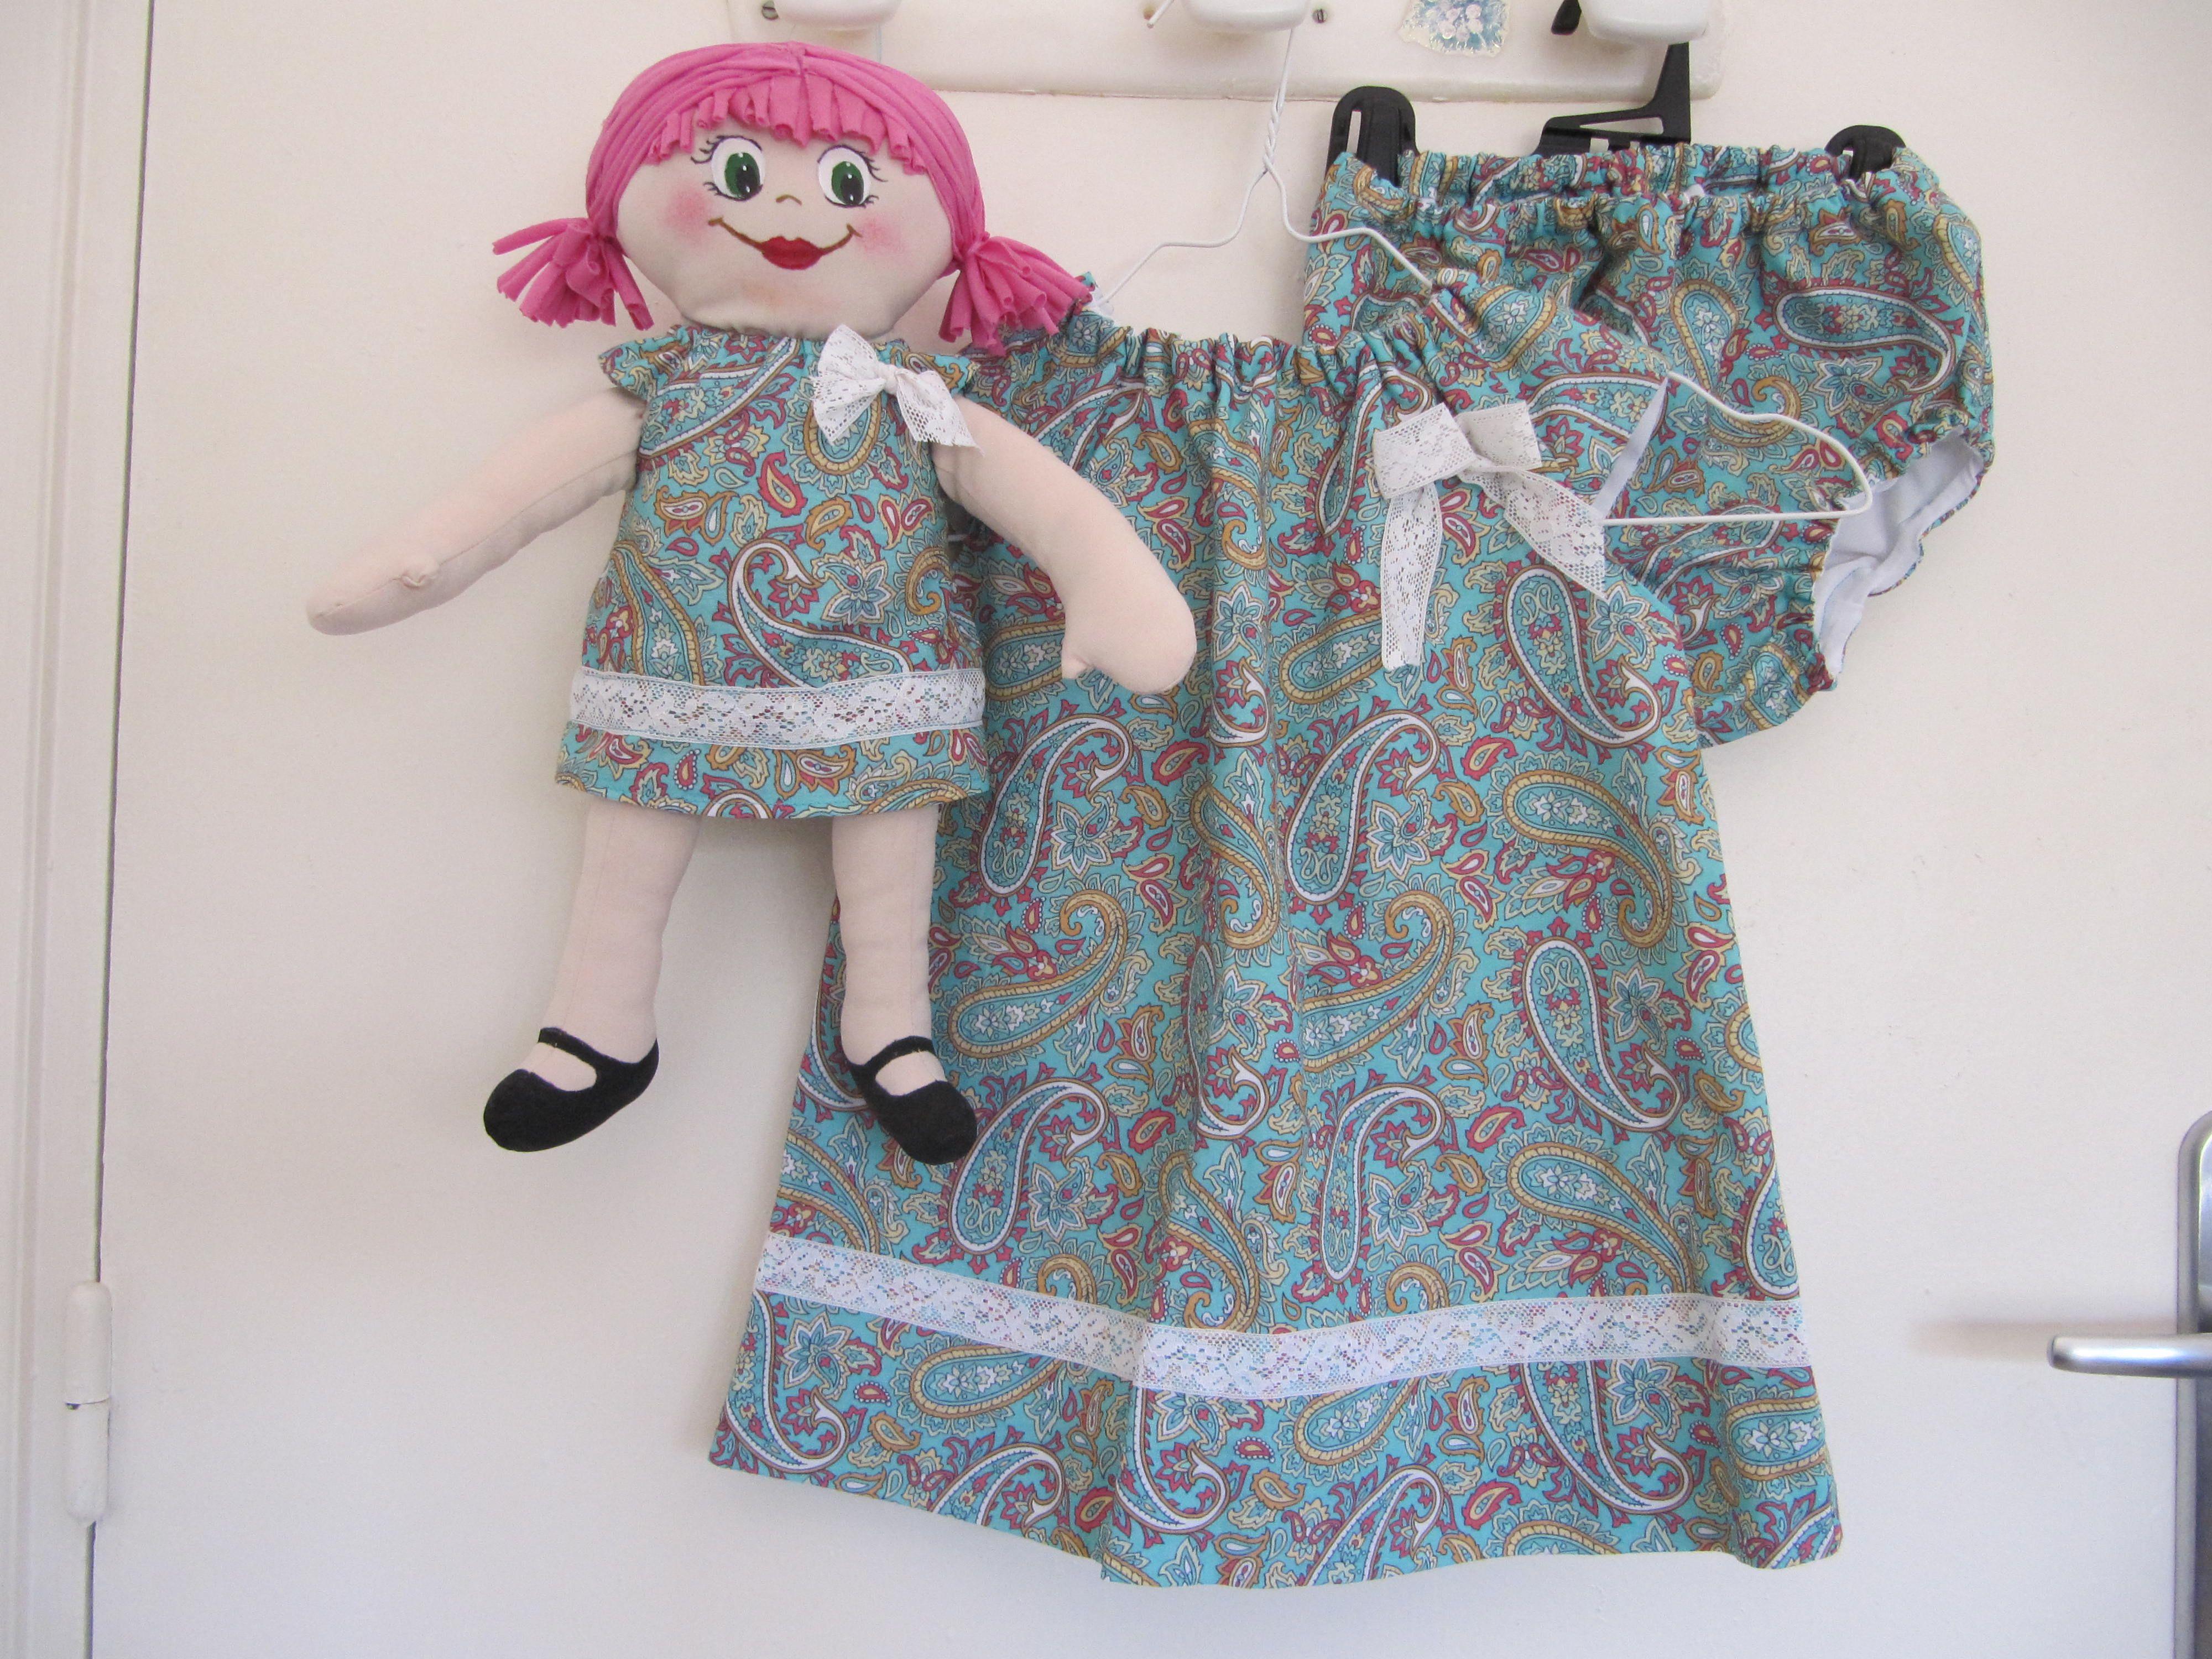 """Vesidito con cubre pañal y muñeca de trapo vestida igual para el primer cumple de Lea. Realizados con patrones de """"Oh mother mine""""."""